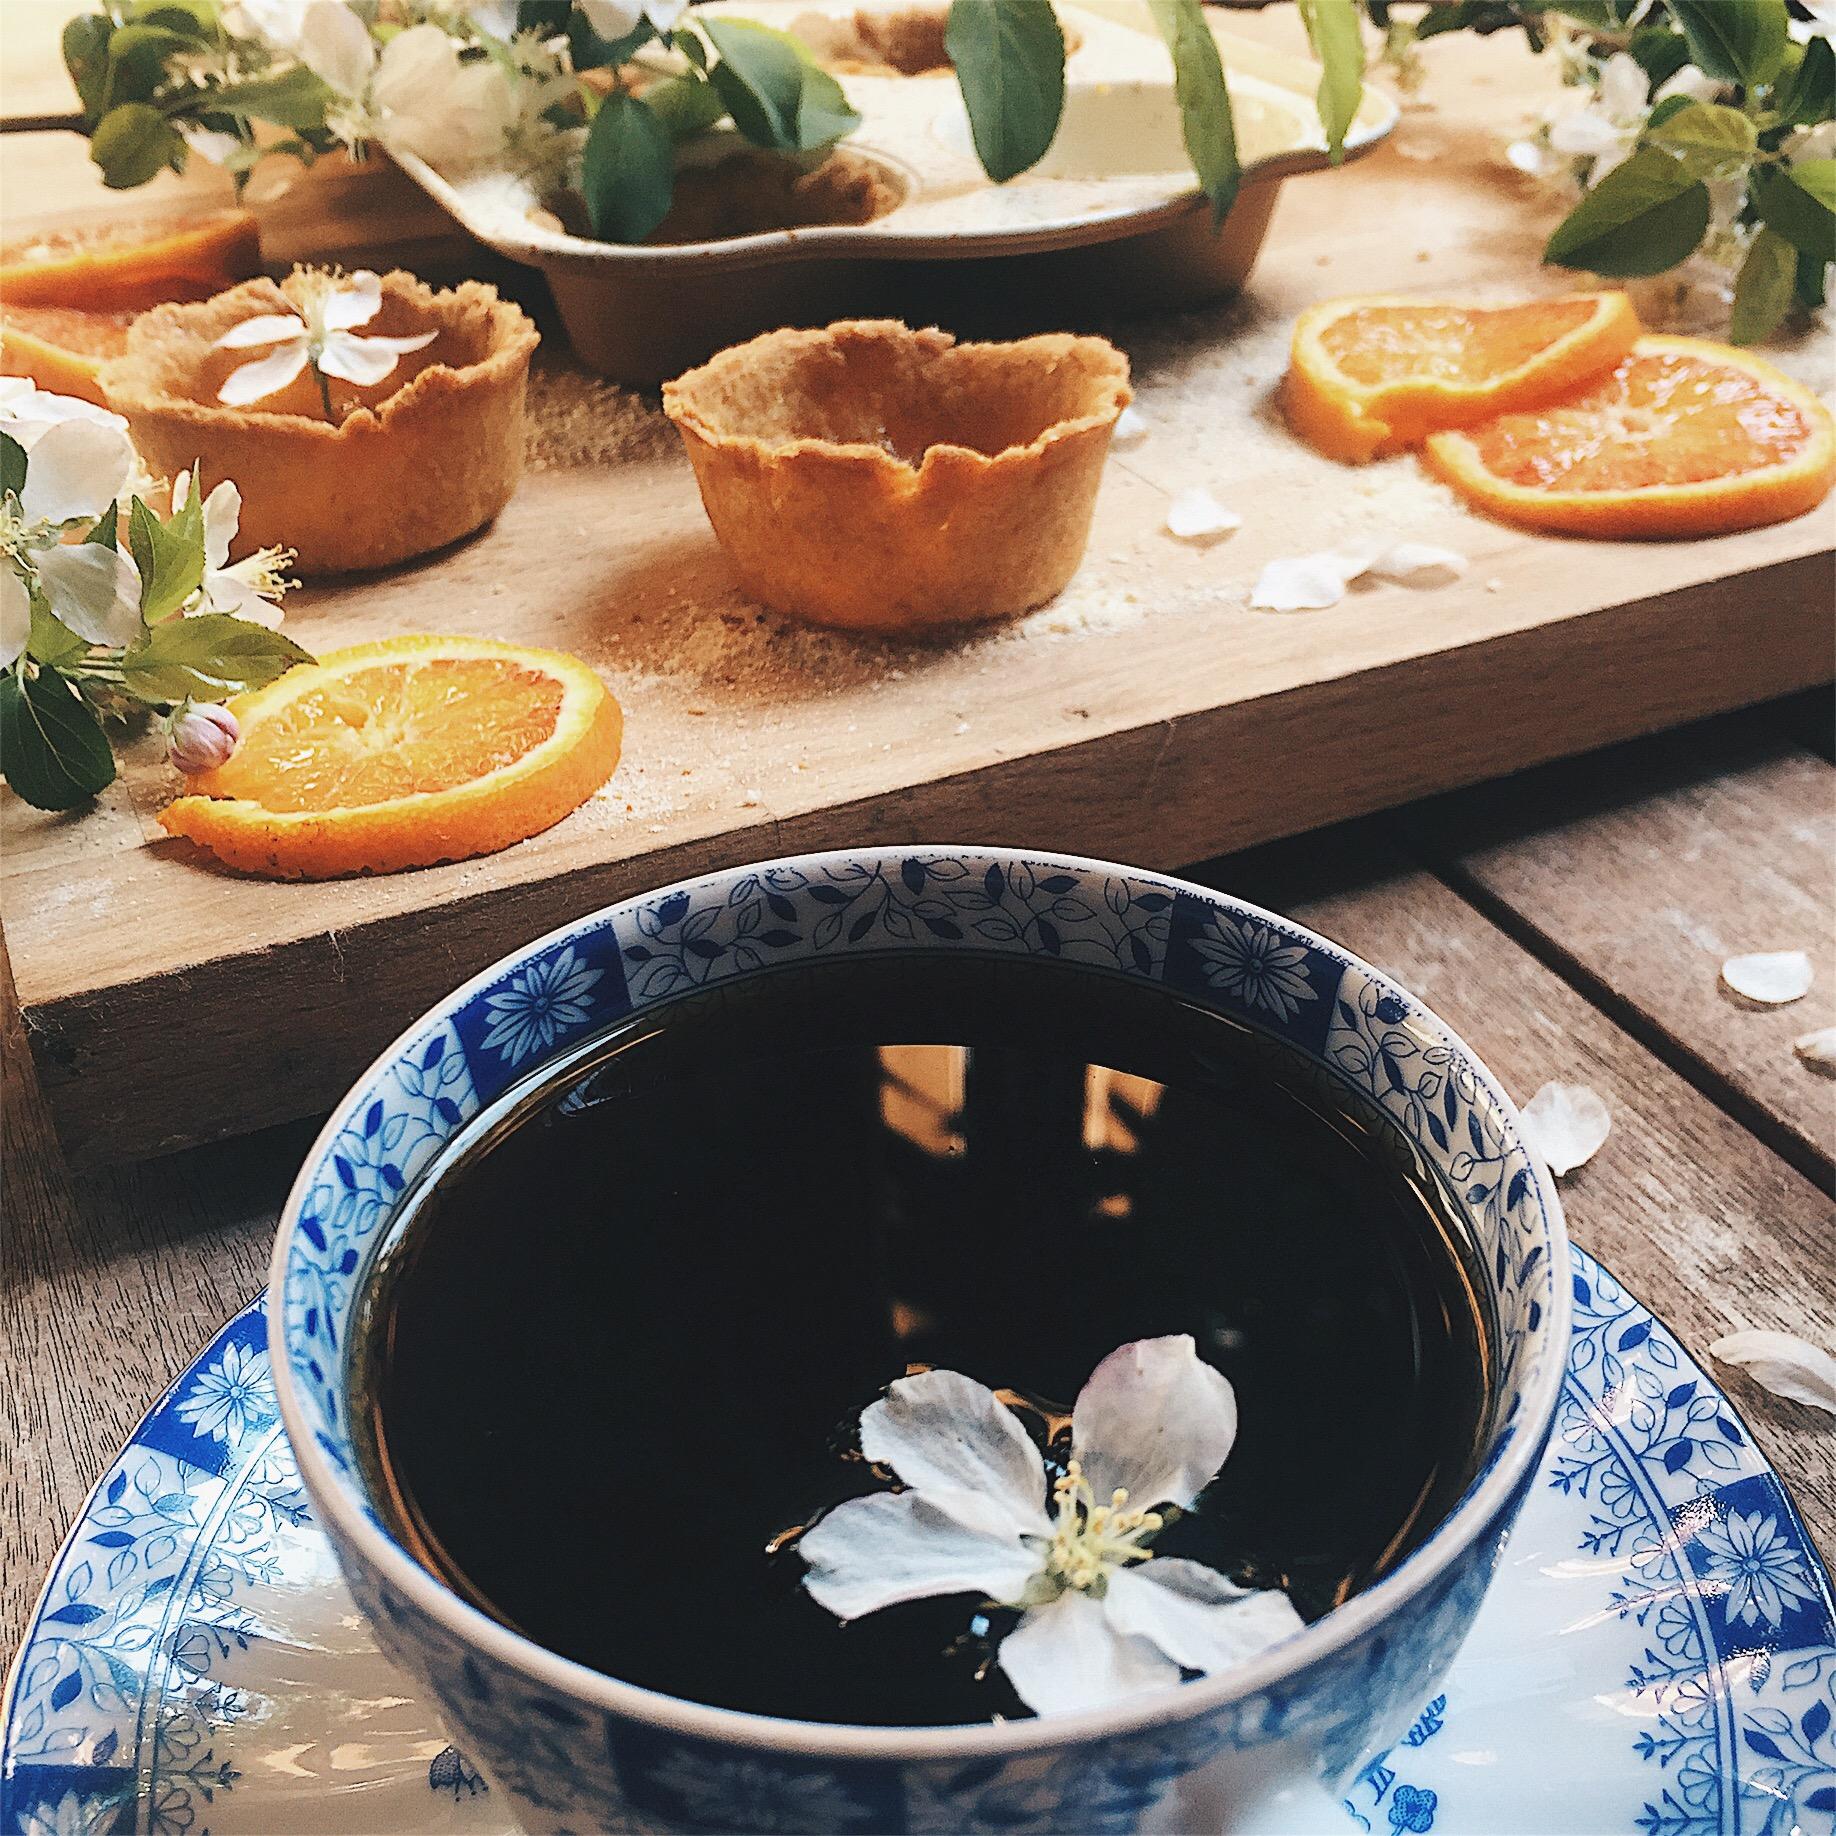 caffè e crostatine senza zucchero - foto di tatianaberlaffa.com